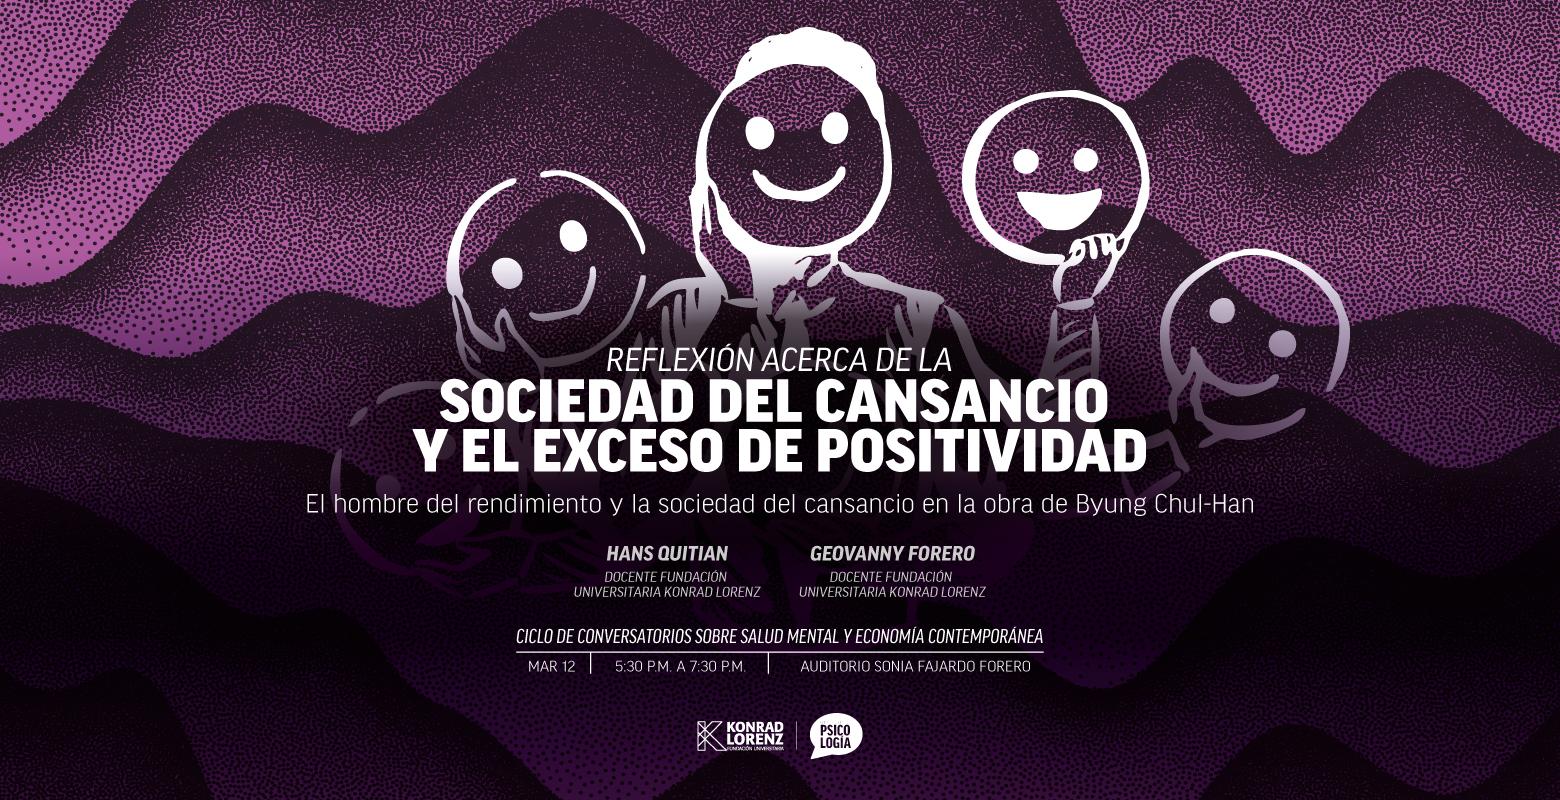 Reflexión acerca de la sociedad del cansancio y el exceso de positividad - Tercer Conversatorio